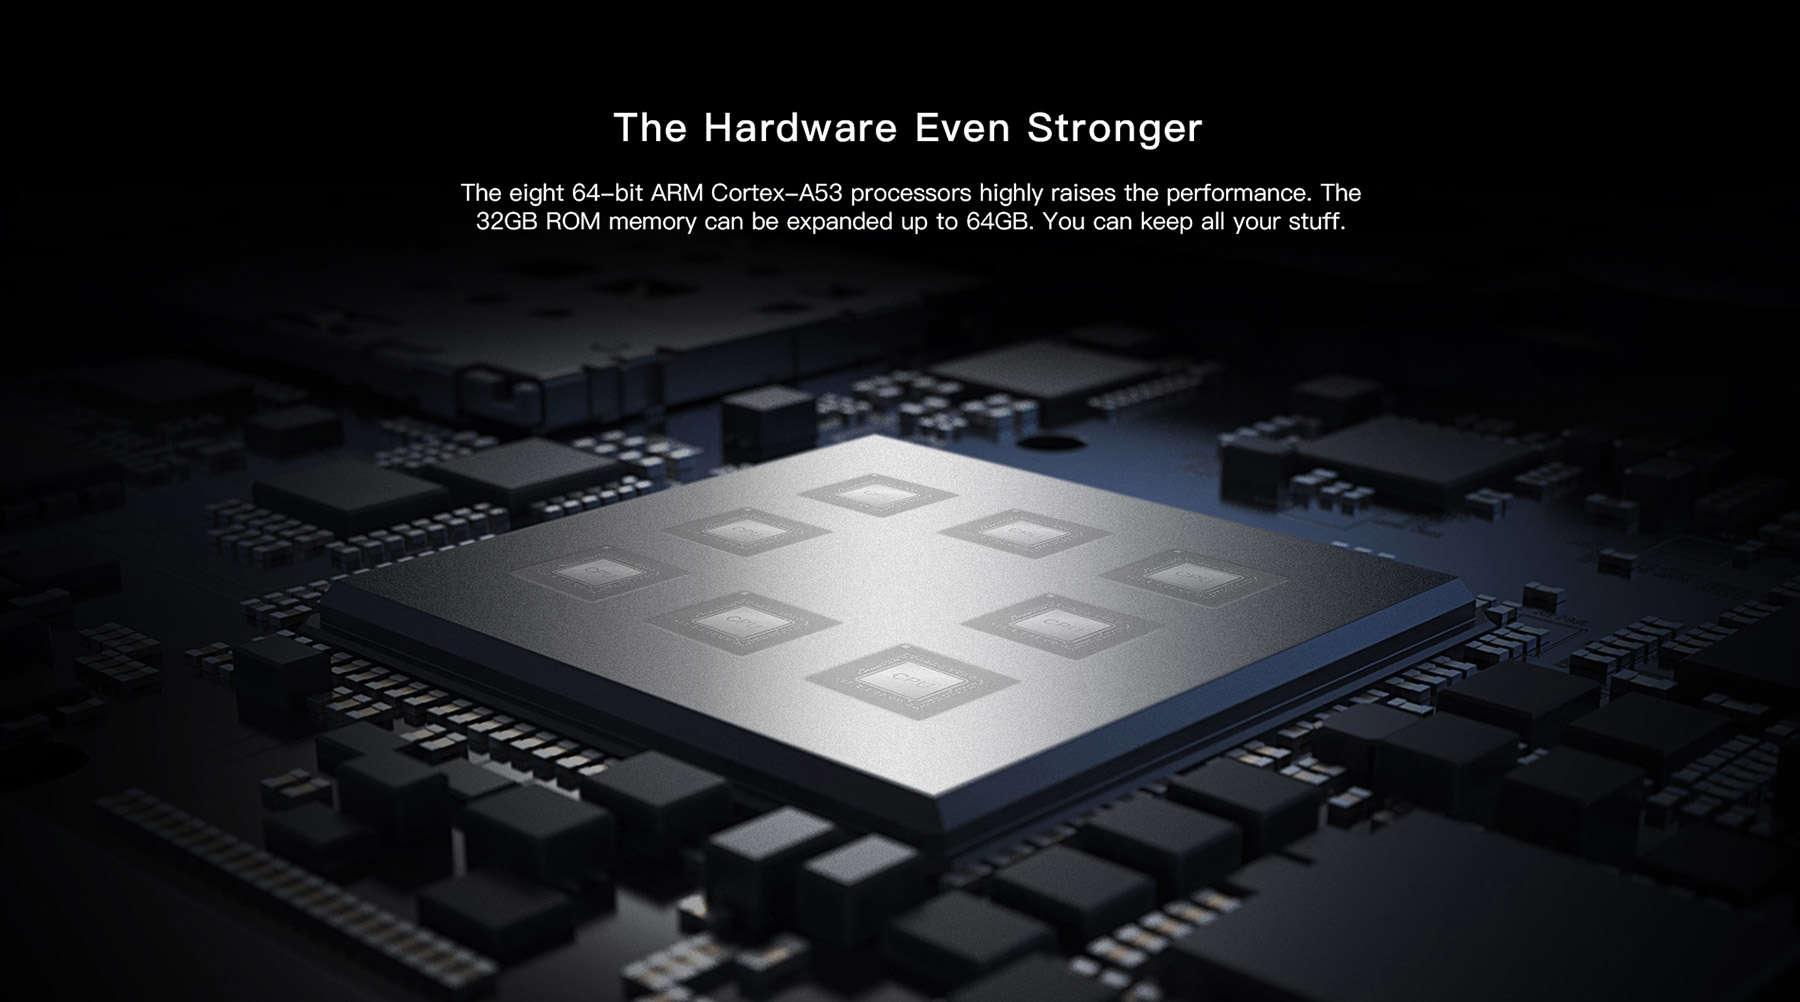 doogee-t5-built-hardware